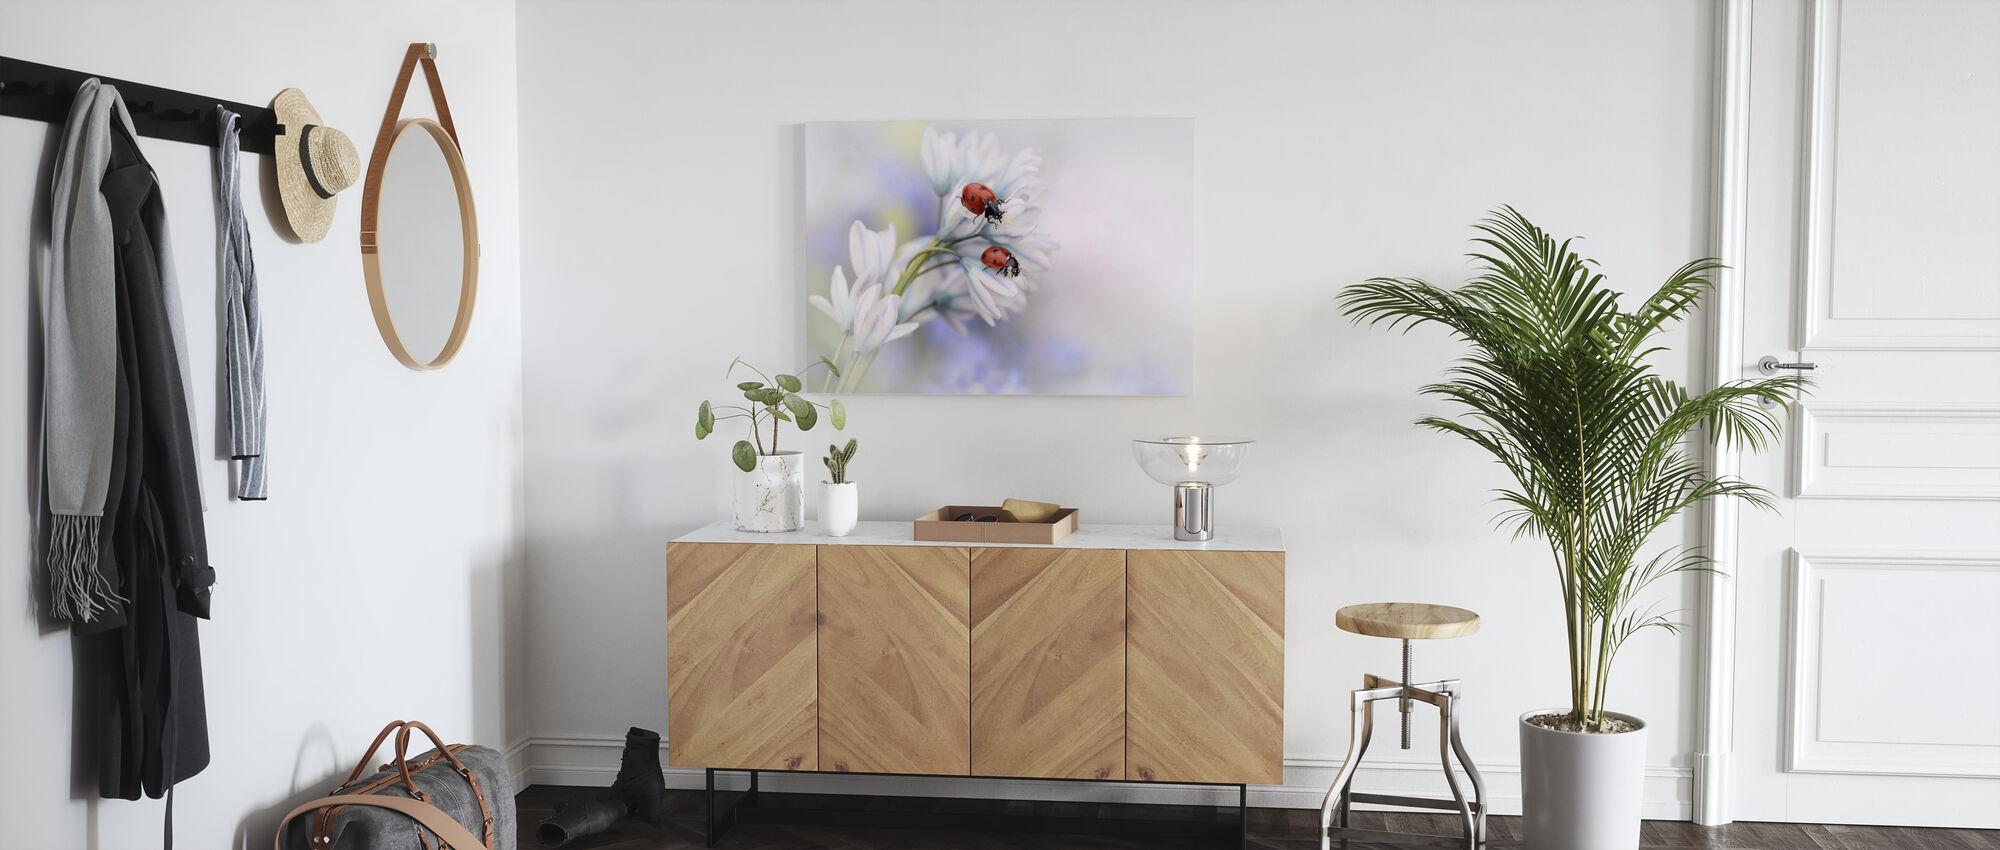 Leppäkerttuja valkoinen kukka - Canvastaulu - Aula